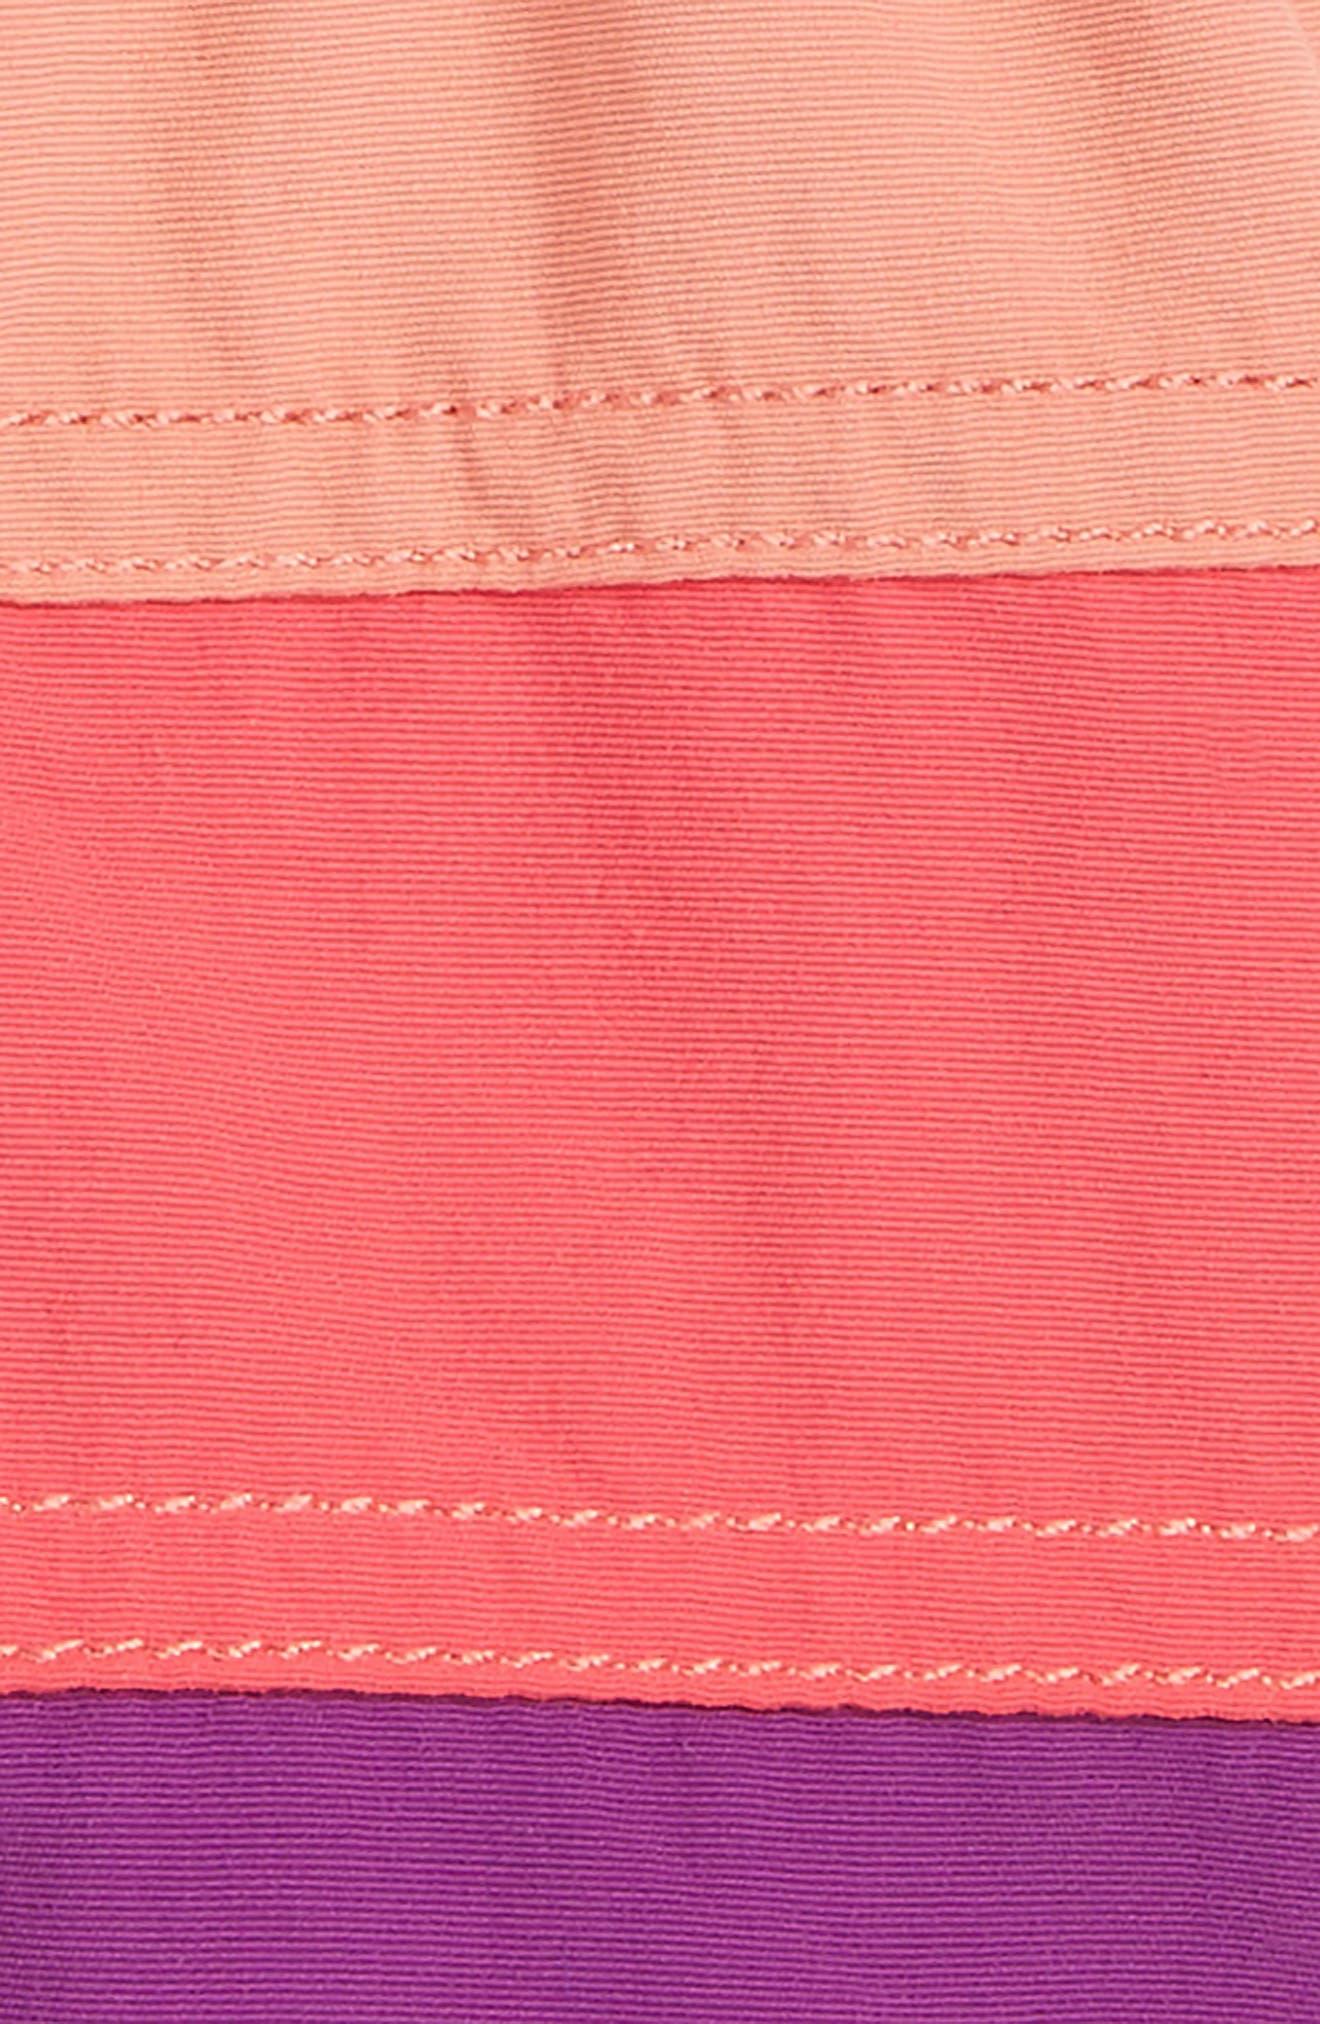 Alternate Image 2  - Patagonia Board Shorts (Baby Girls)